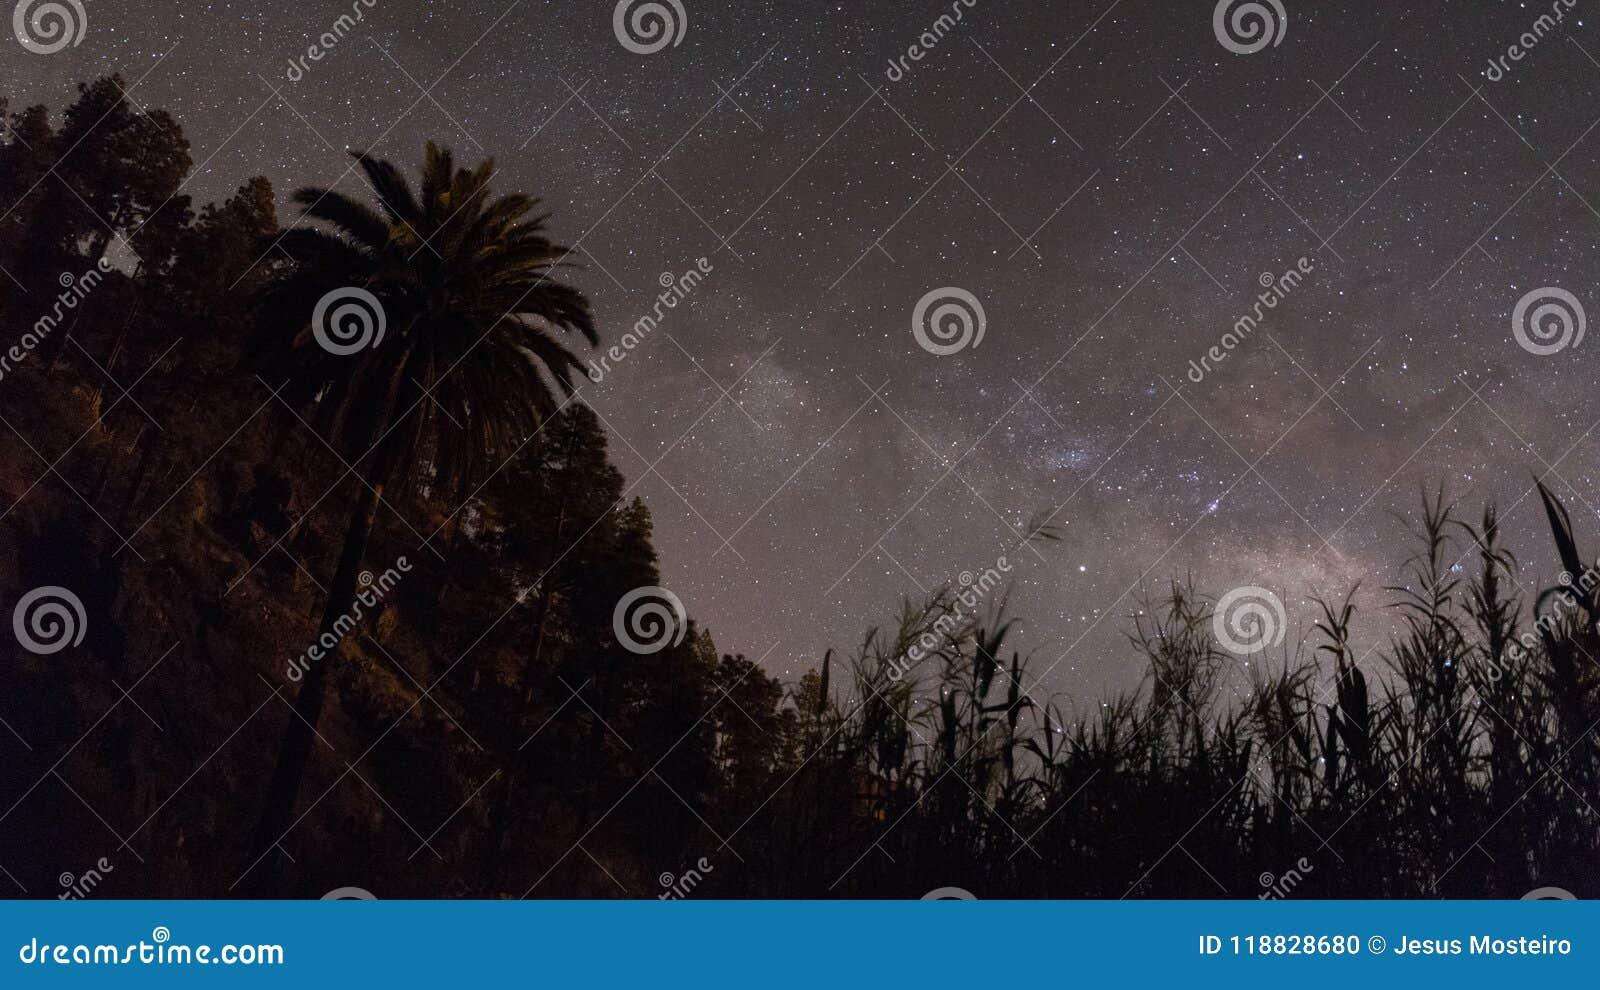 Sternenklarer zitronengelber nächtlicher Himmel